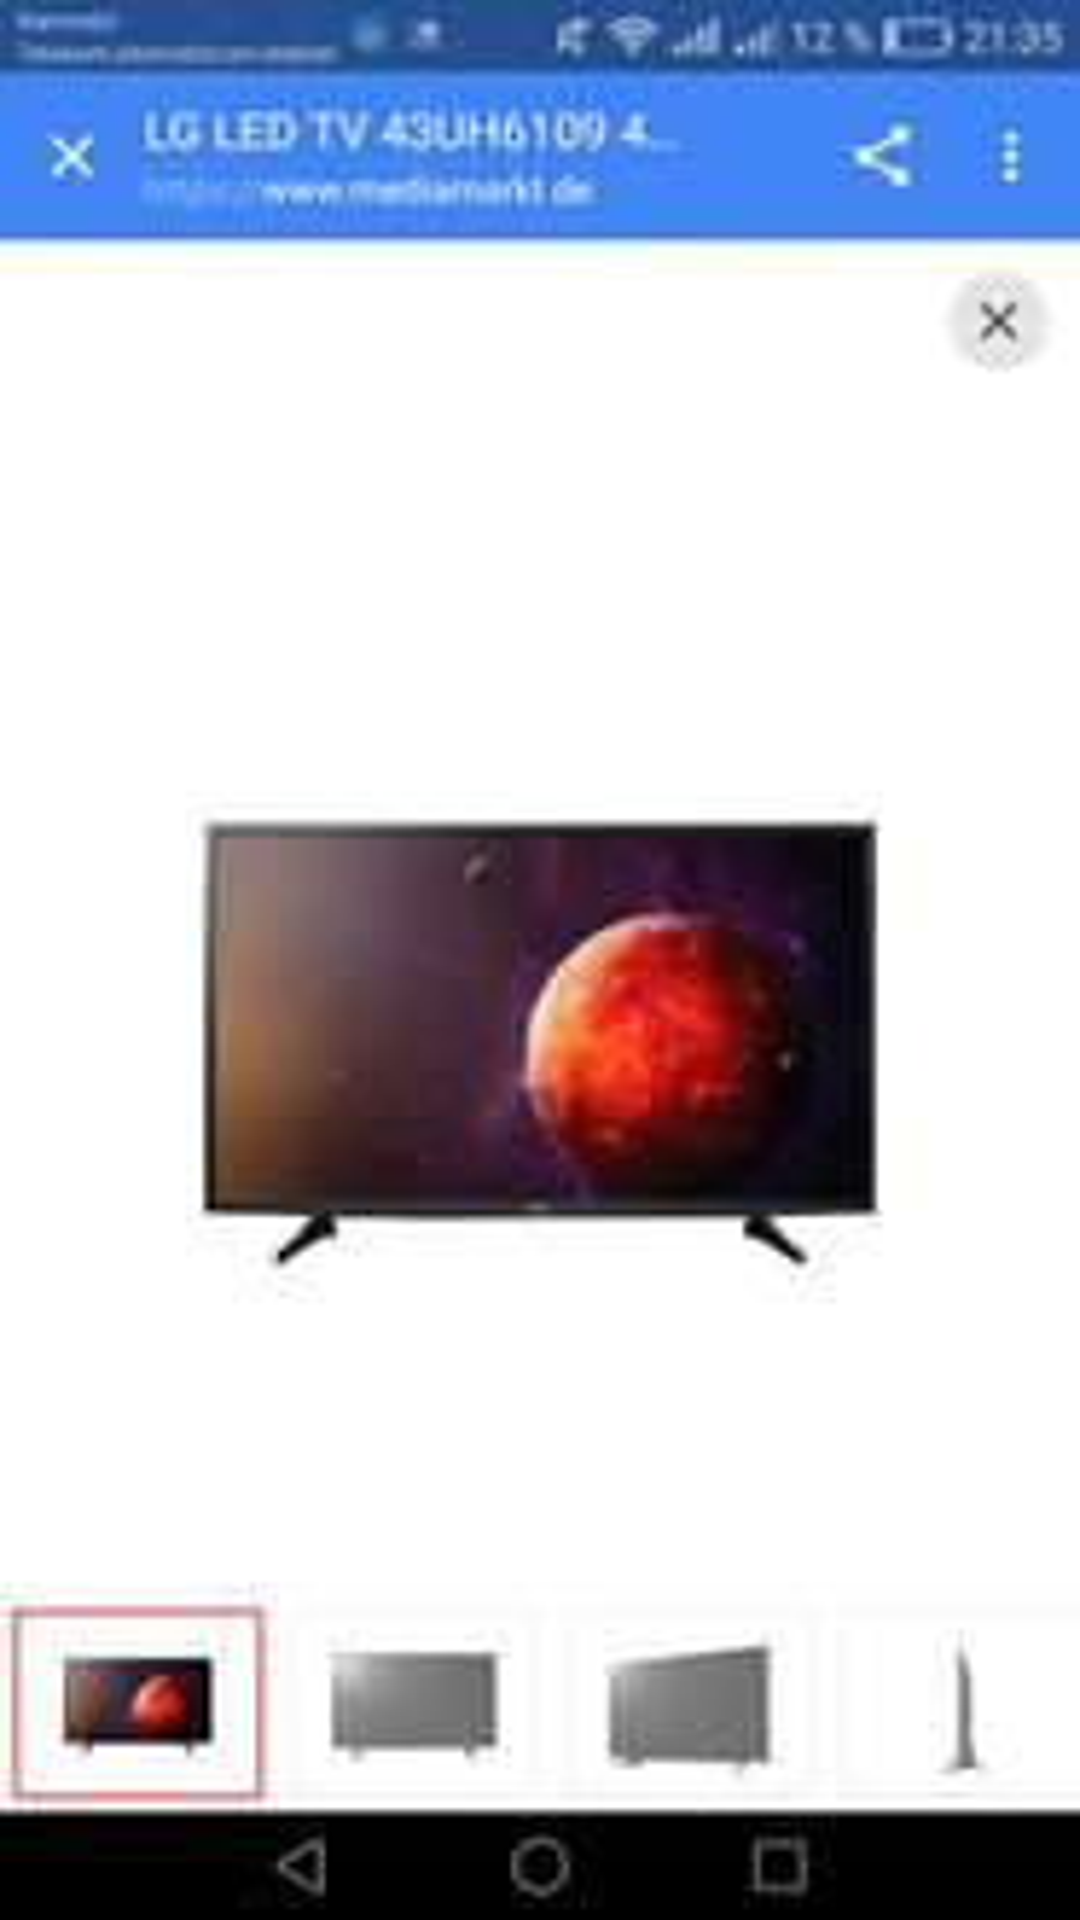 LG 43UH6109 LED TV (Flat, 43 Zoll, UHD 4K, SMART TV, web OS)Nur noch bei NBB bei Zahlung mit Masterpass, ansonsten 400,99 Euro